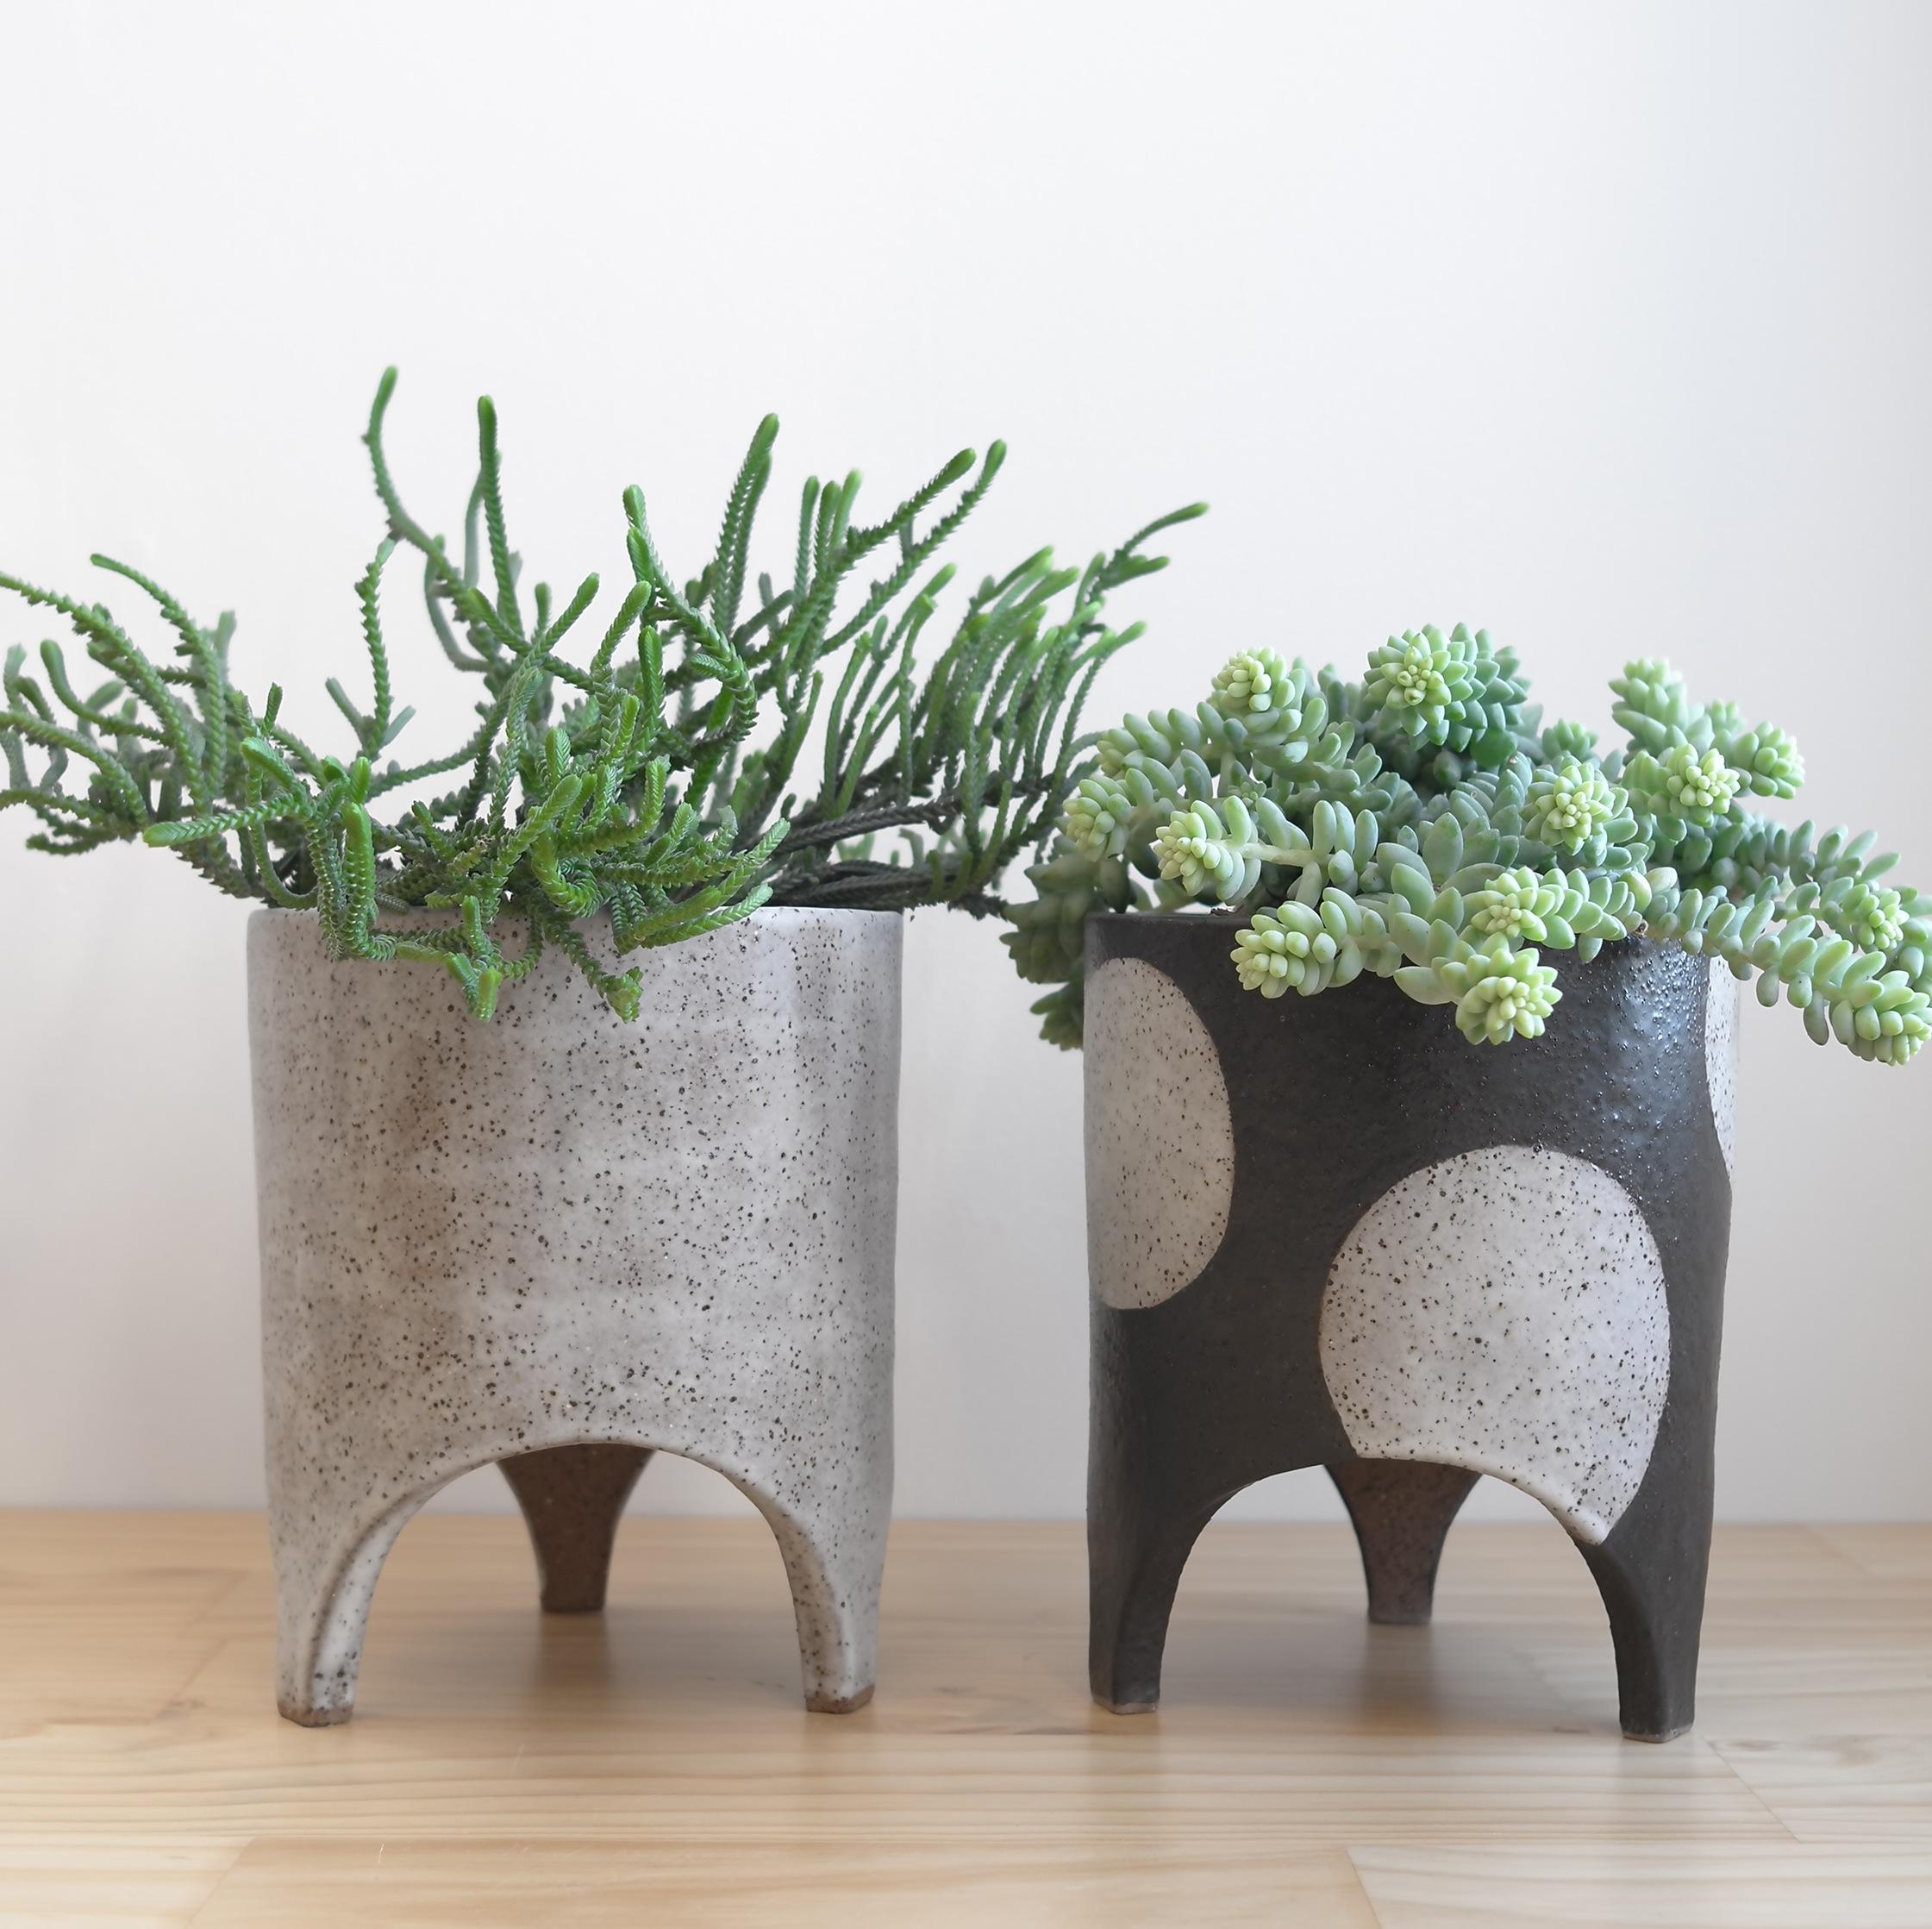 Tamago Ceramics - Planters